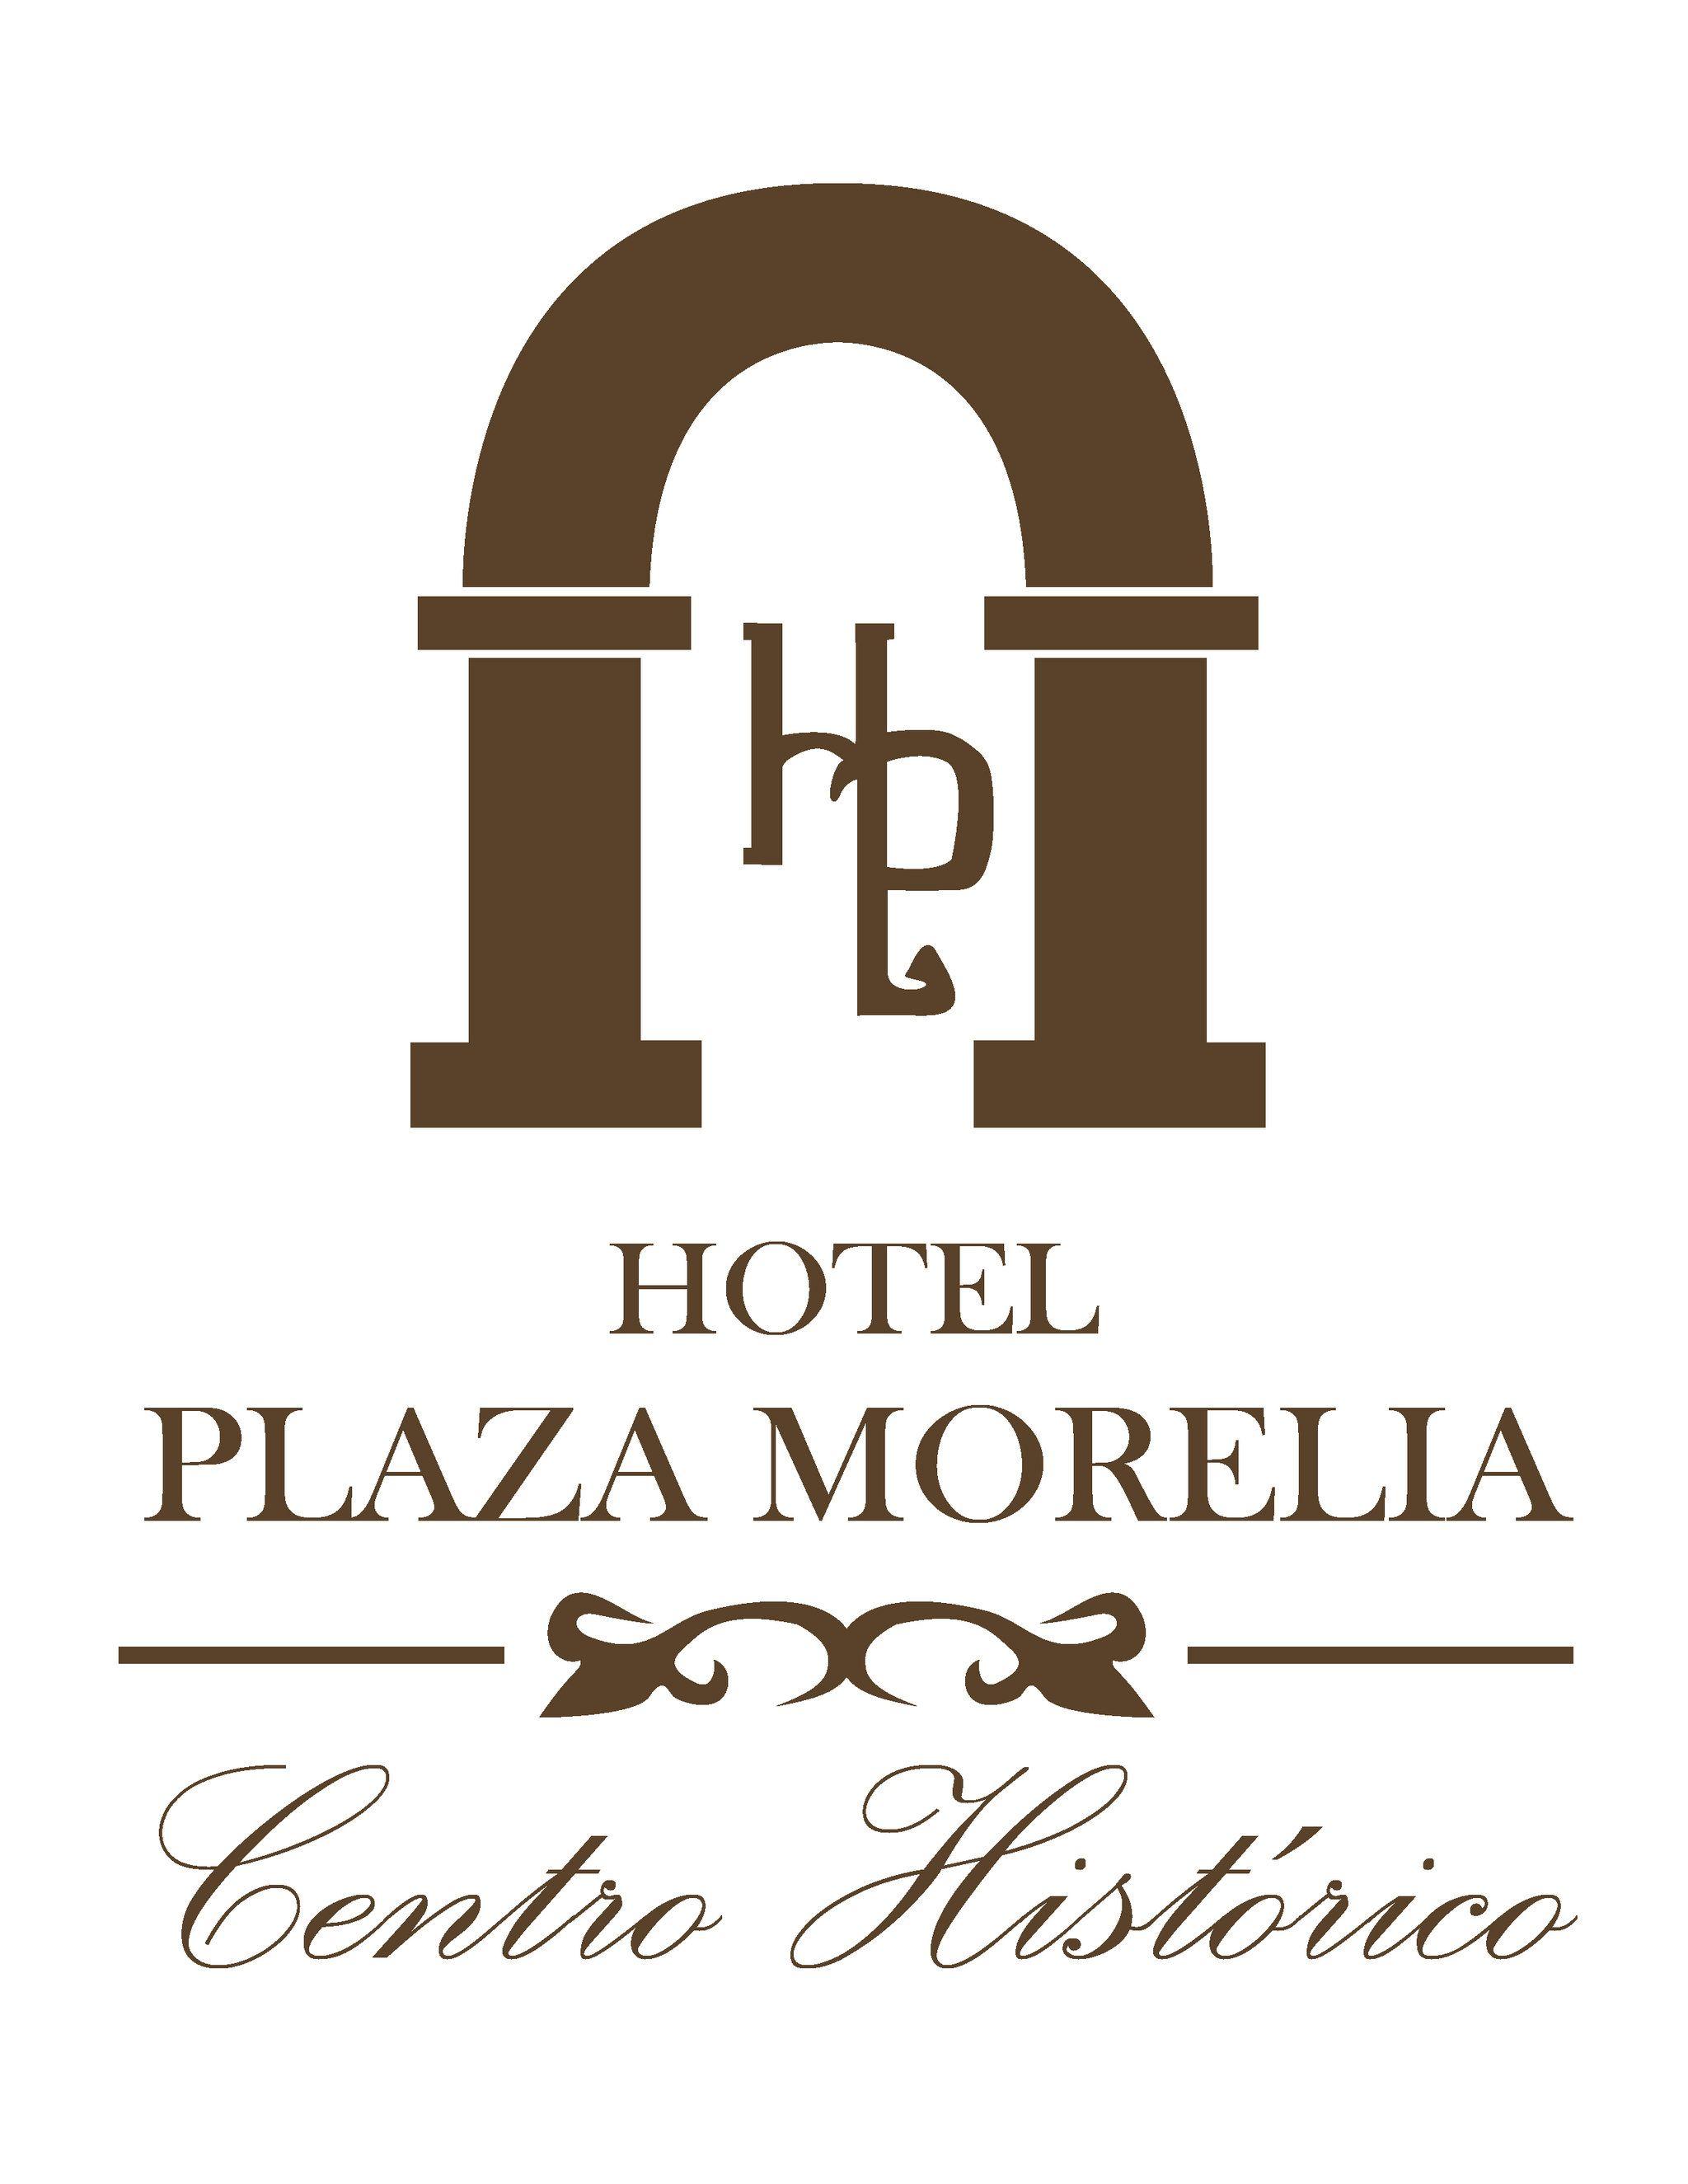 莫雷利亚普拉扎酒店